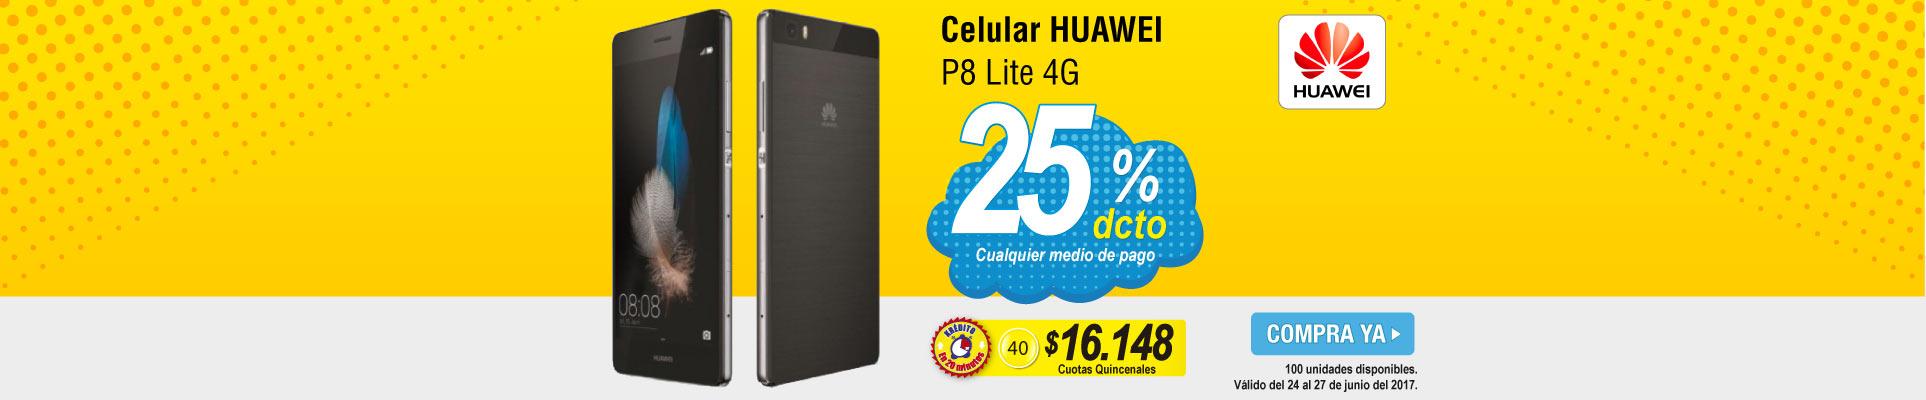 Celular HUAWEI P8 Lite - banner principal